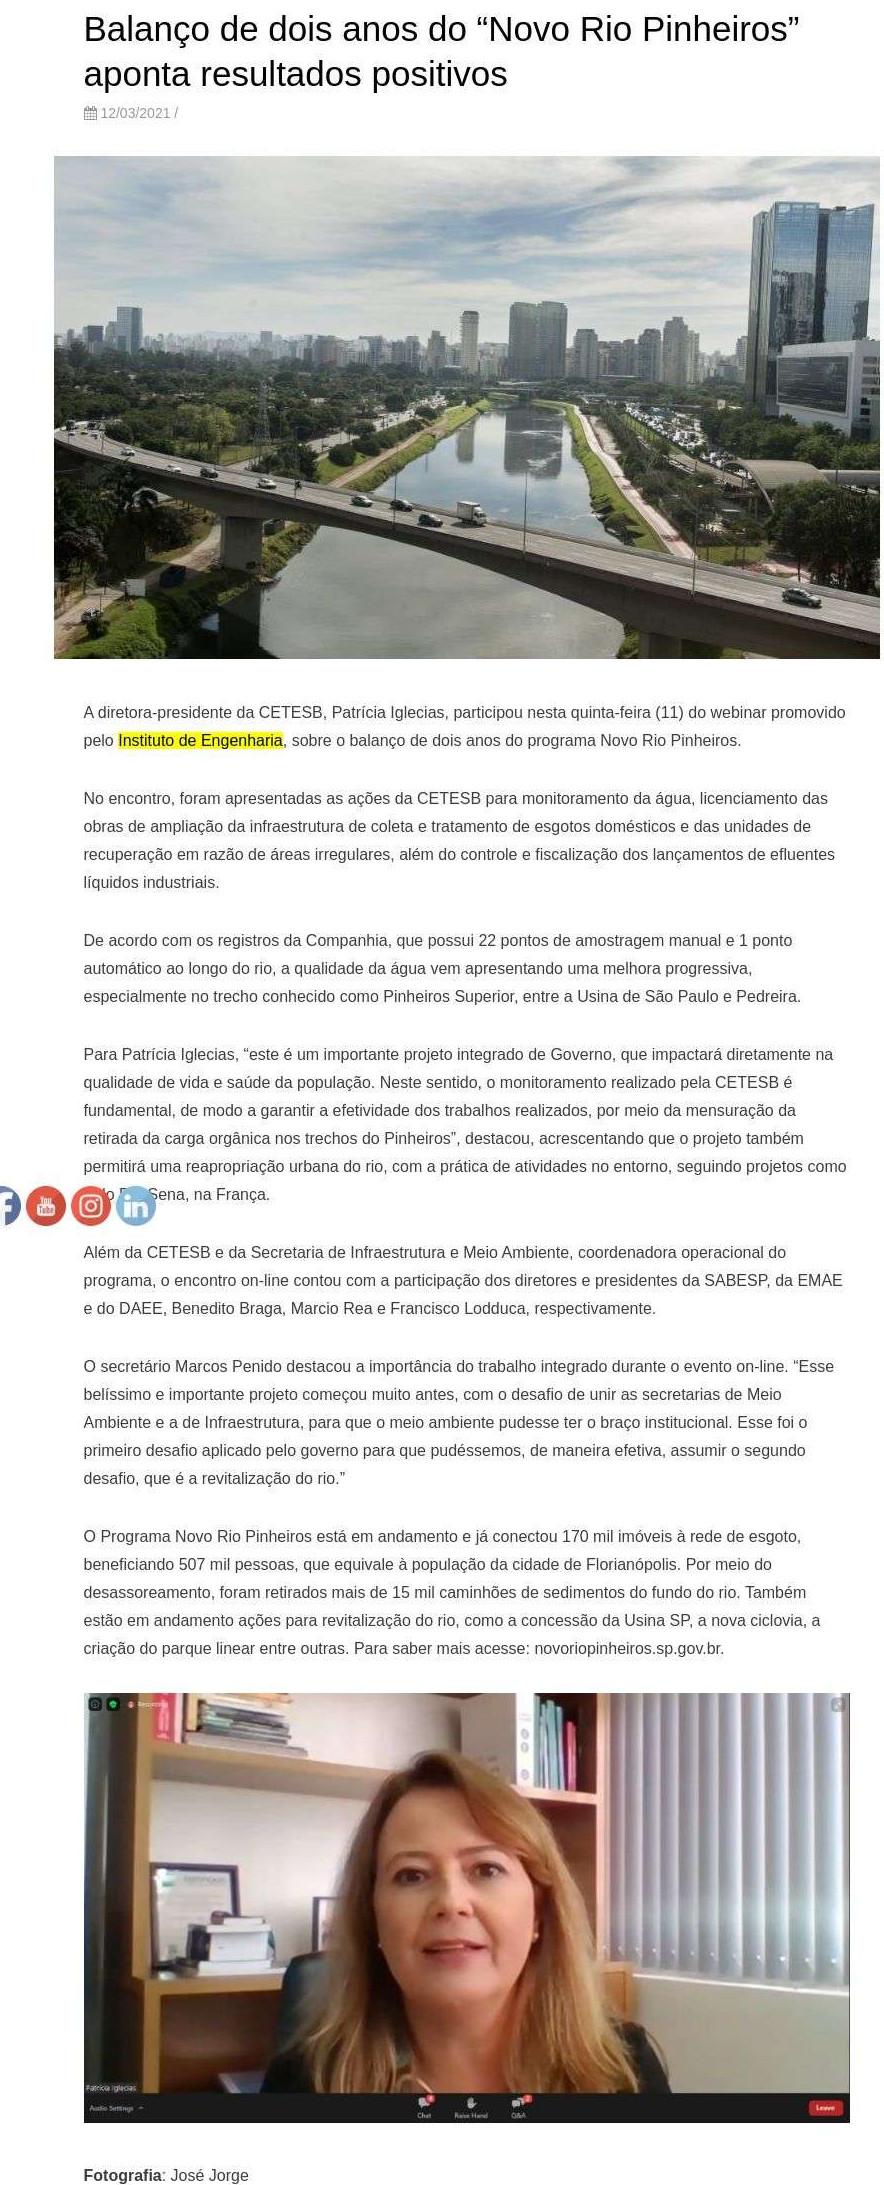 """Balanço de dois anos do """"Novo Rio Pinheiros"""" aponta resultados positivos - Cetesb Companhia Ambiental do Estado de São Paulo"""